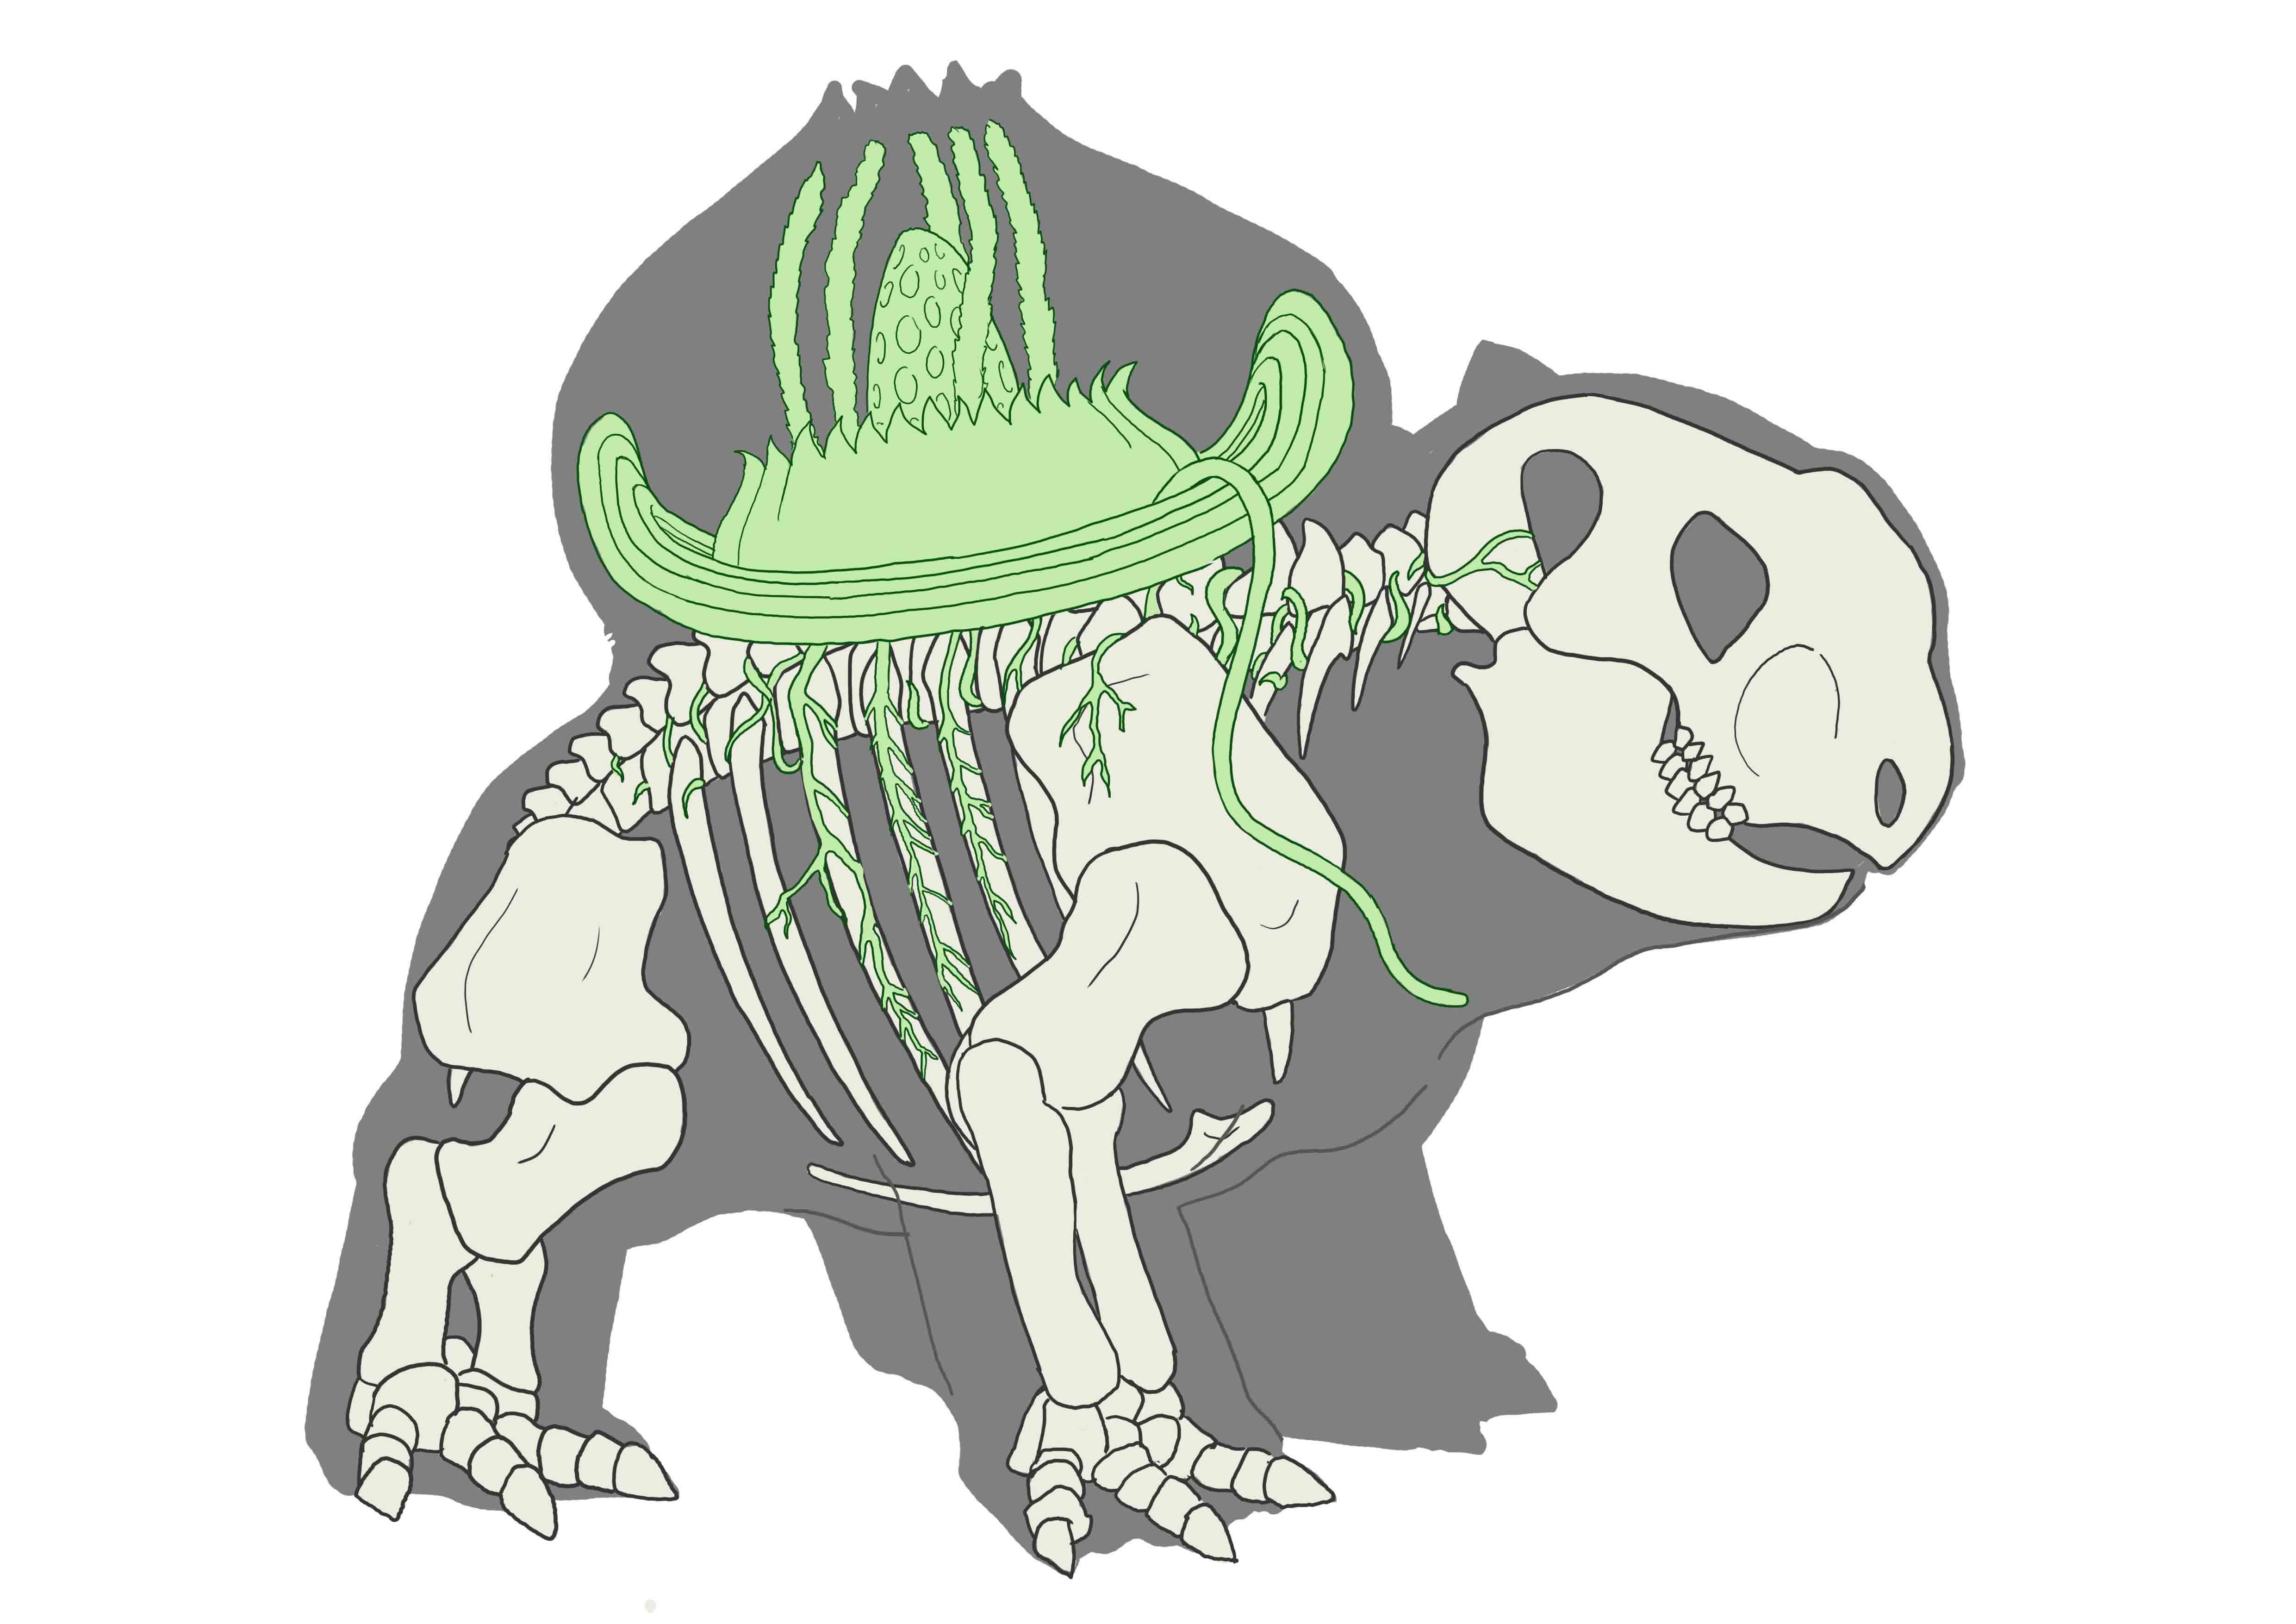 Bulbasaur Evolution Chart Copyright   Joshua Dunlop